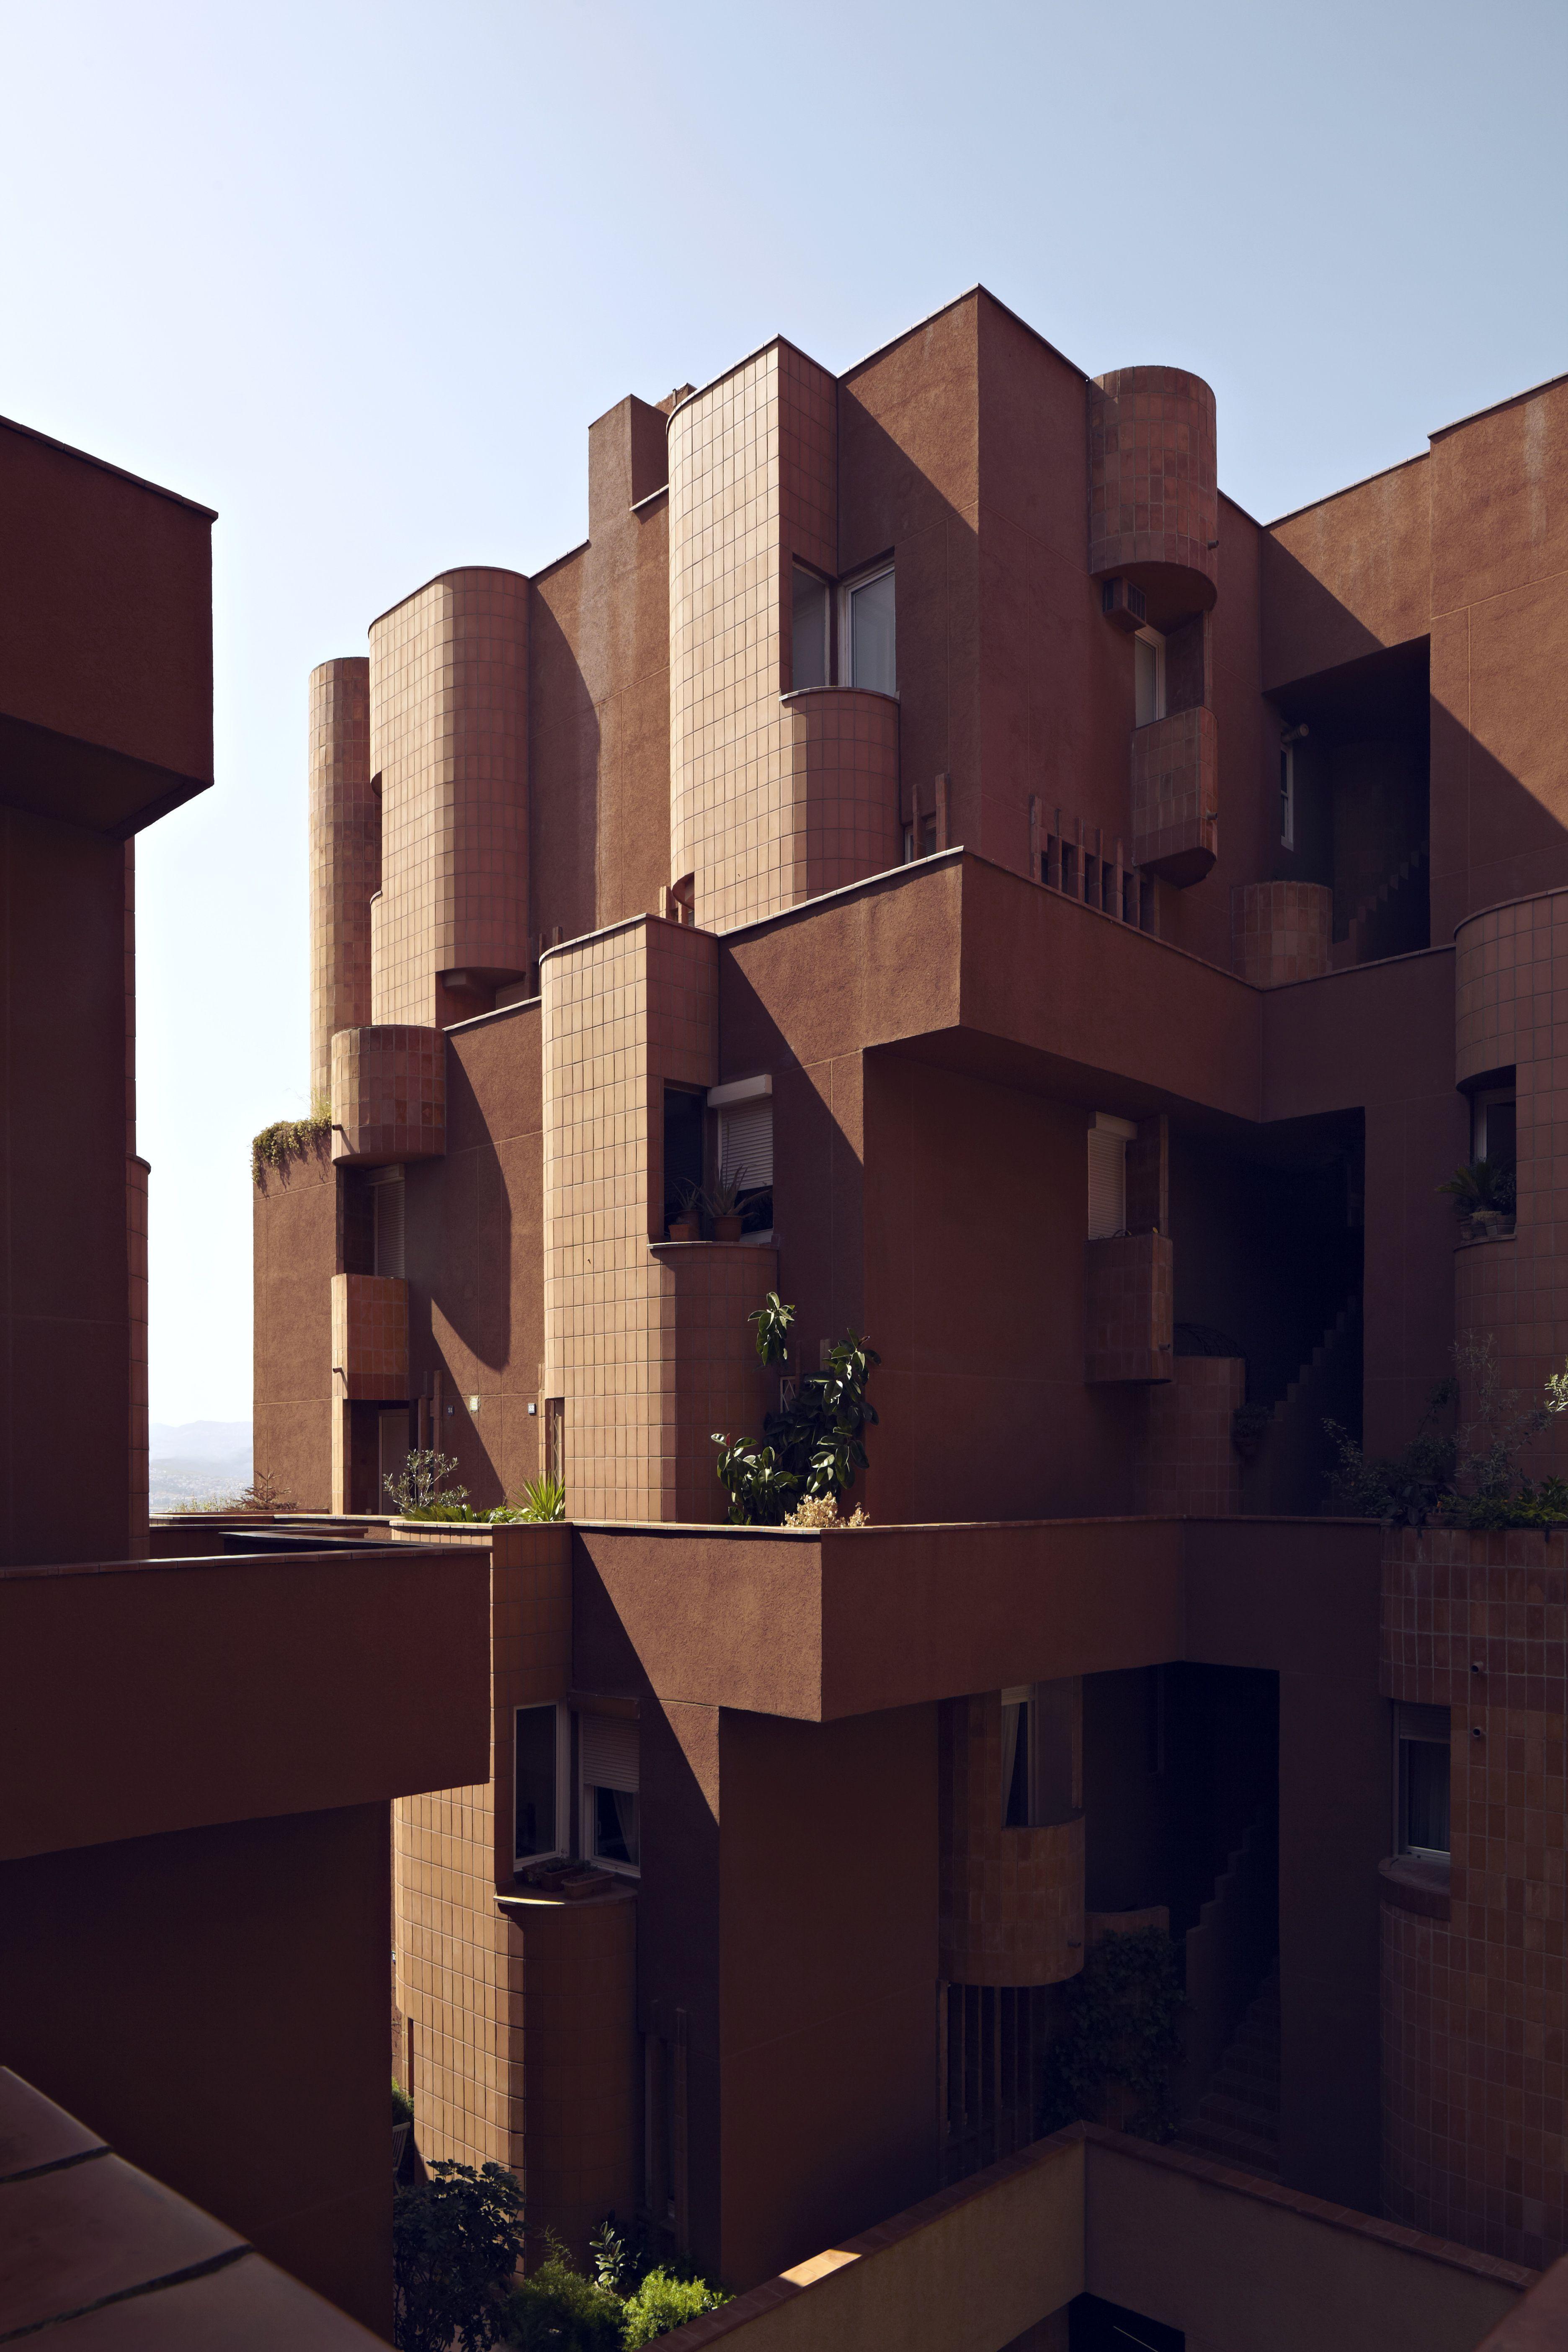 Icono de la arquitectura, el edificio Walden7 de Ricardo Bofill